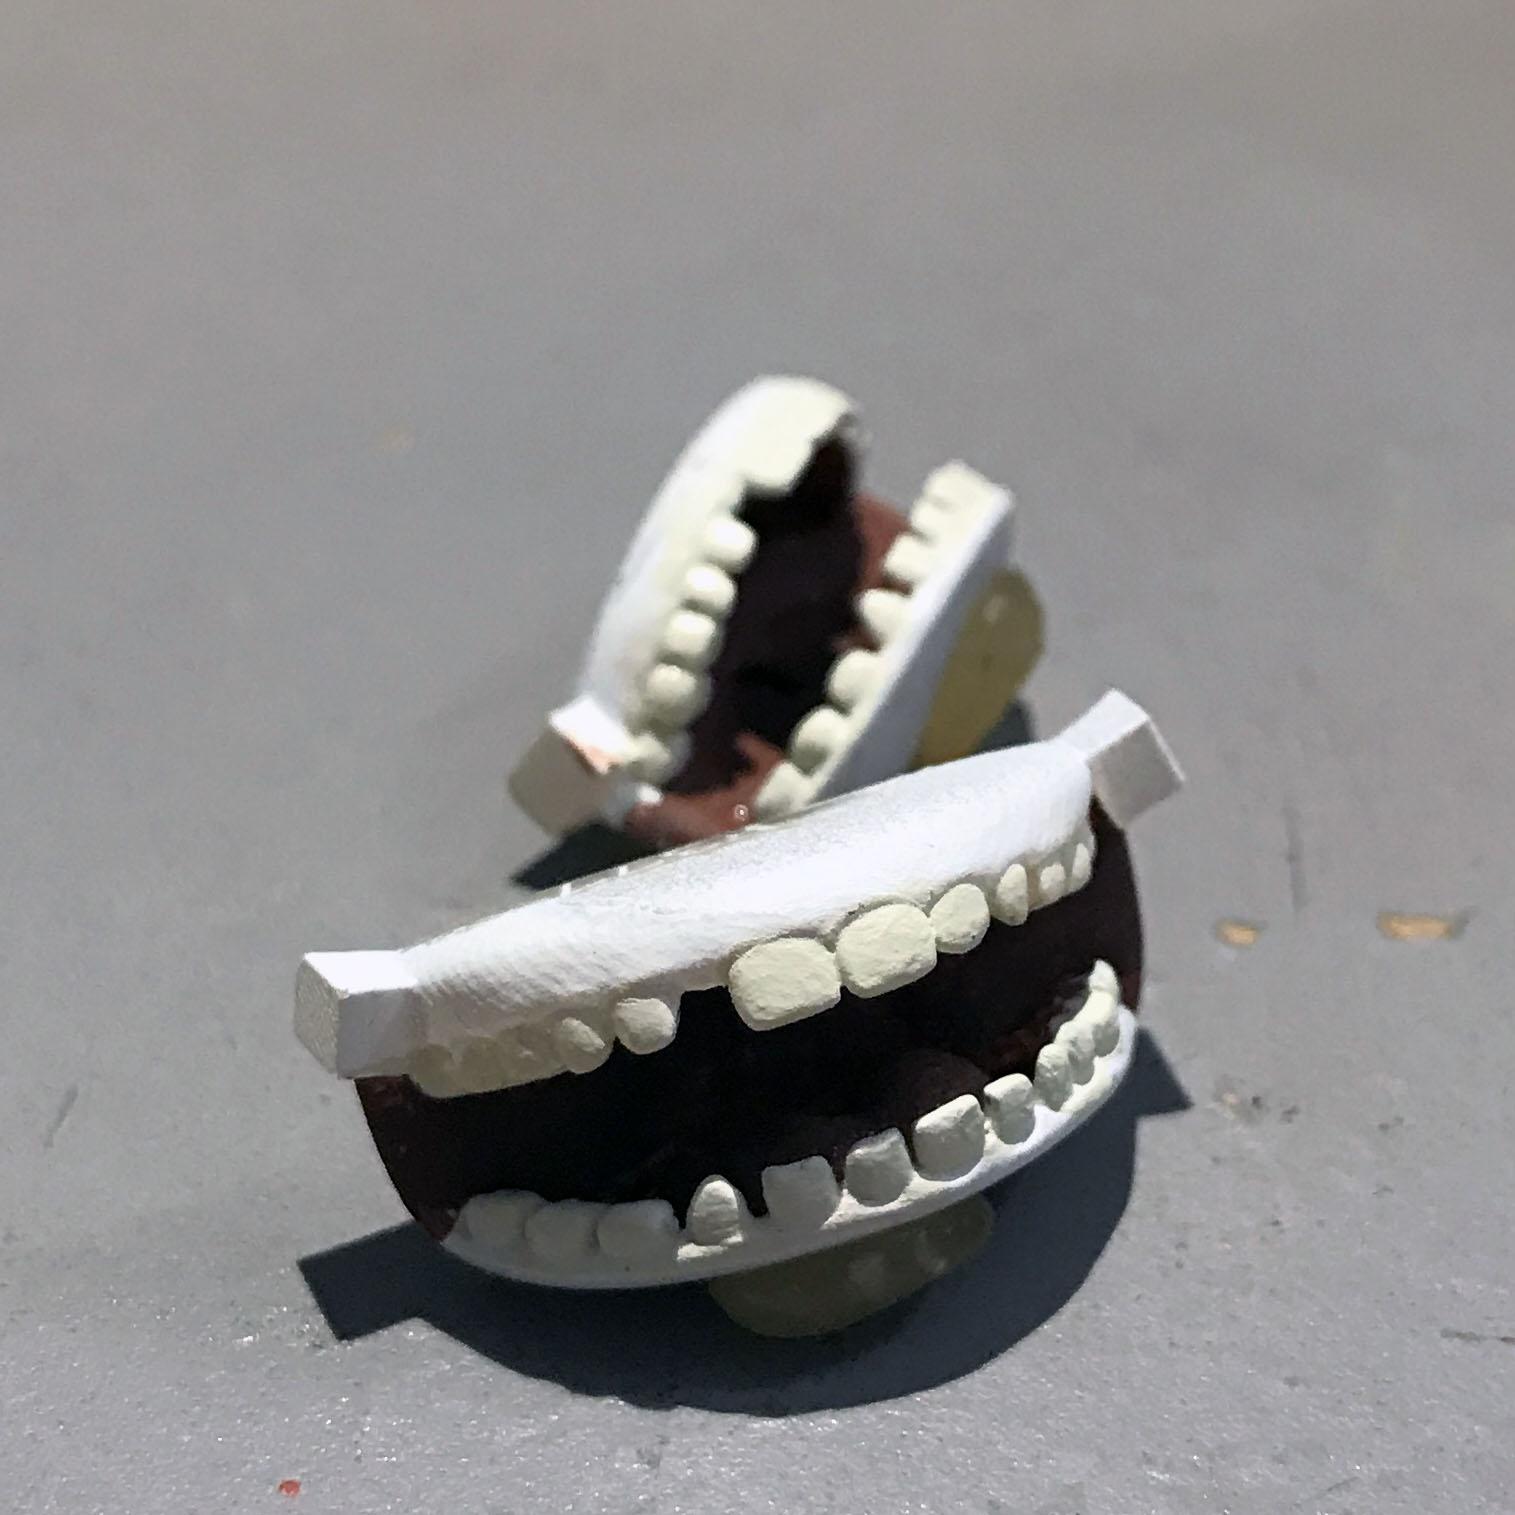 Hap Teeth - The Shadow King